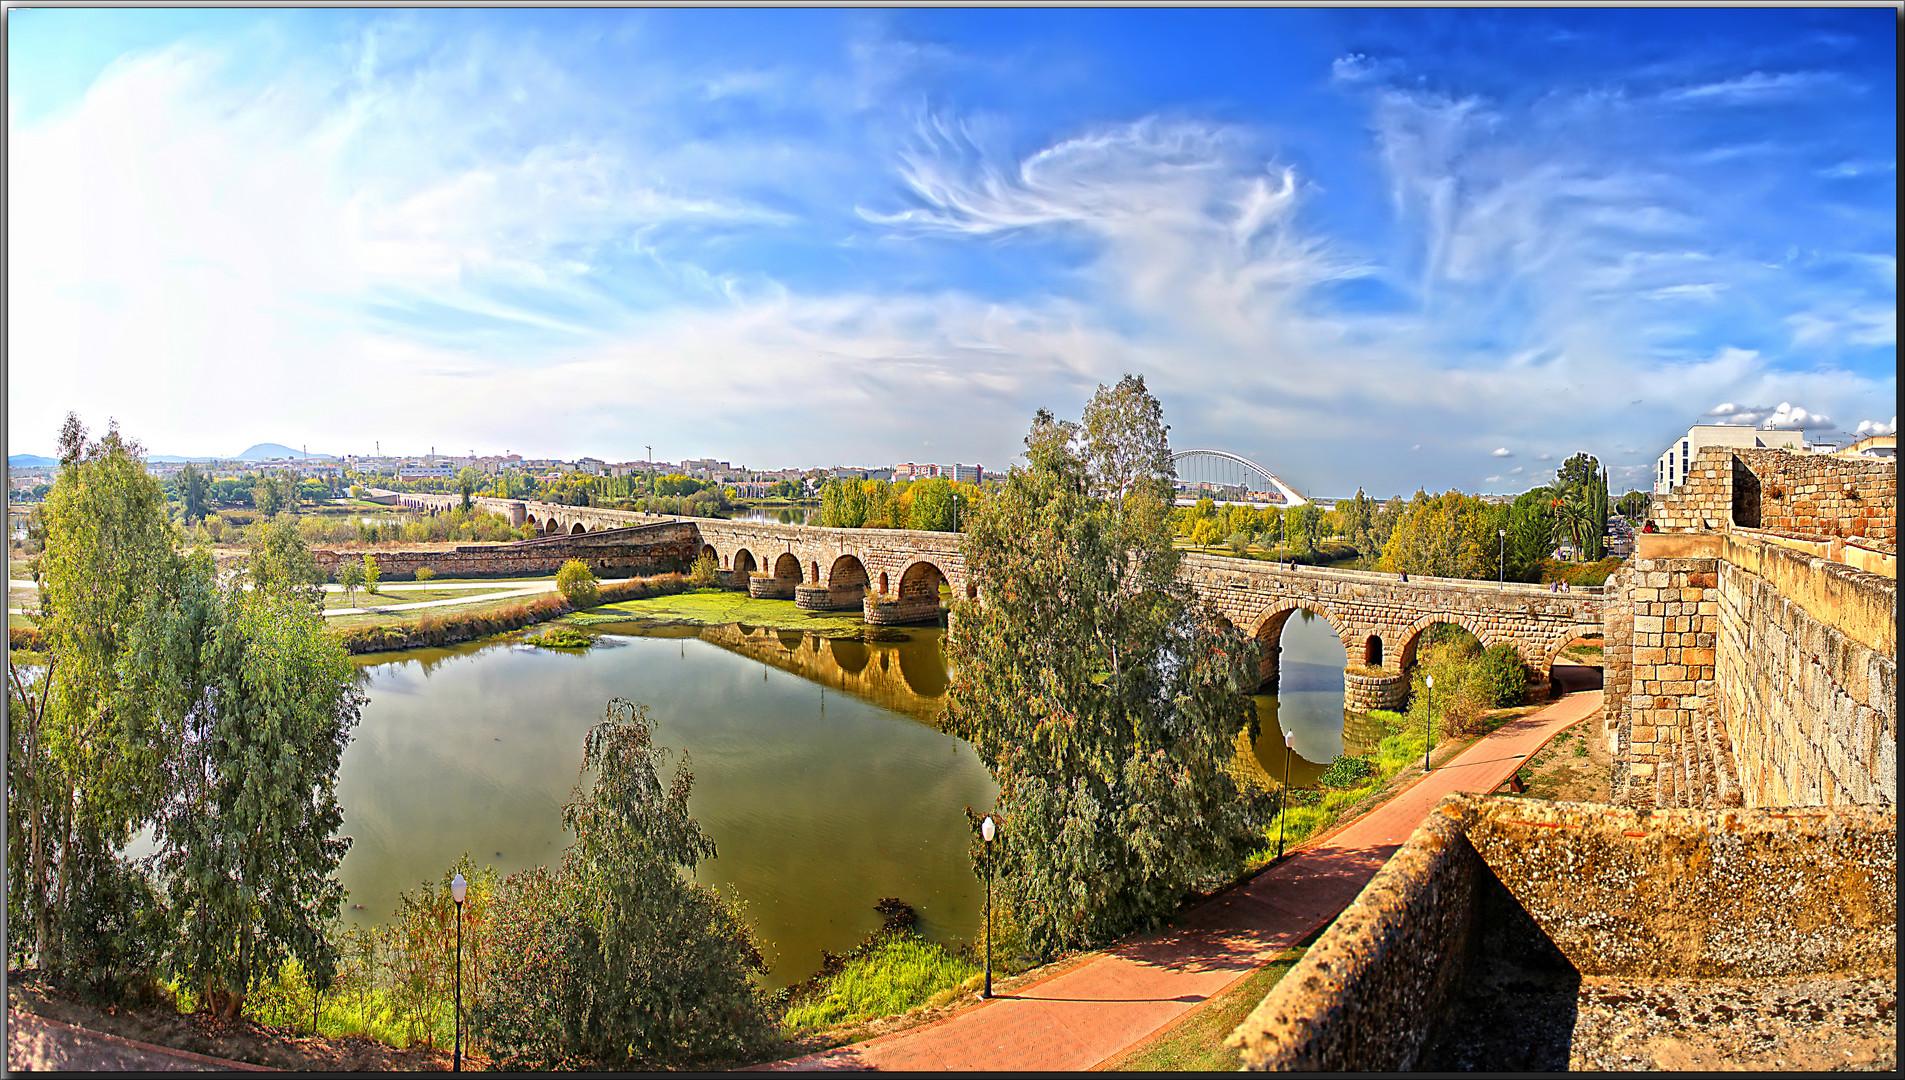 El puente romano mas largo, en Mérida